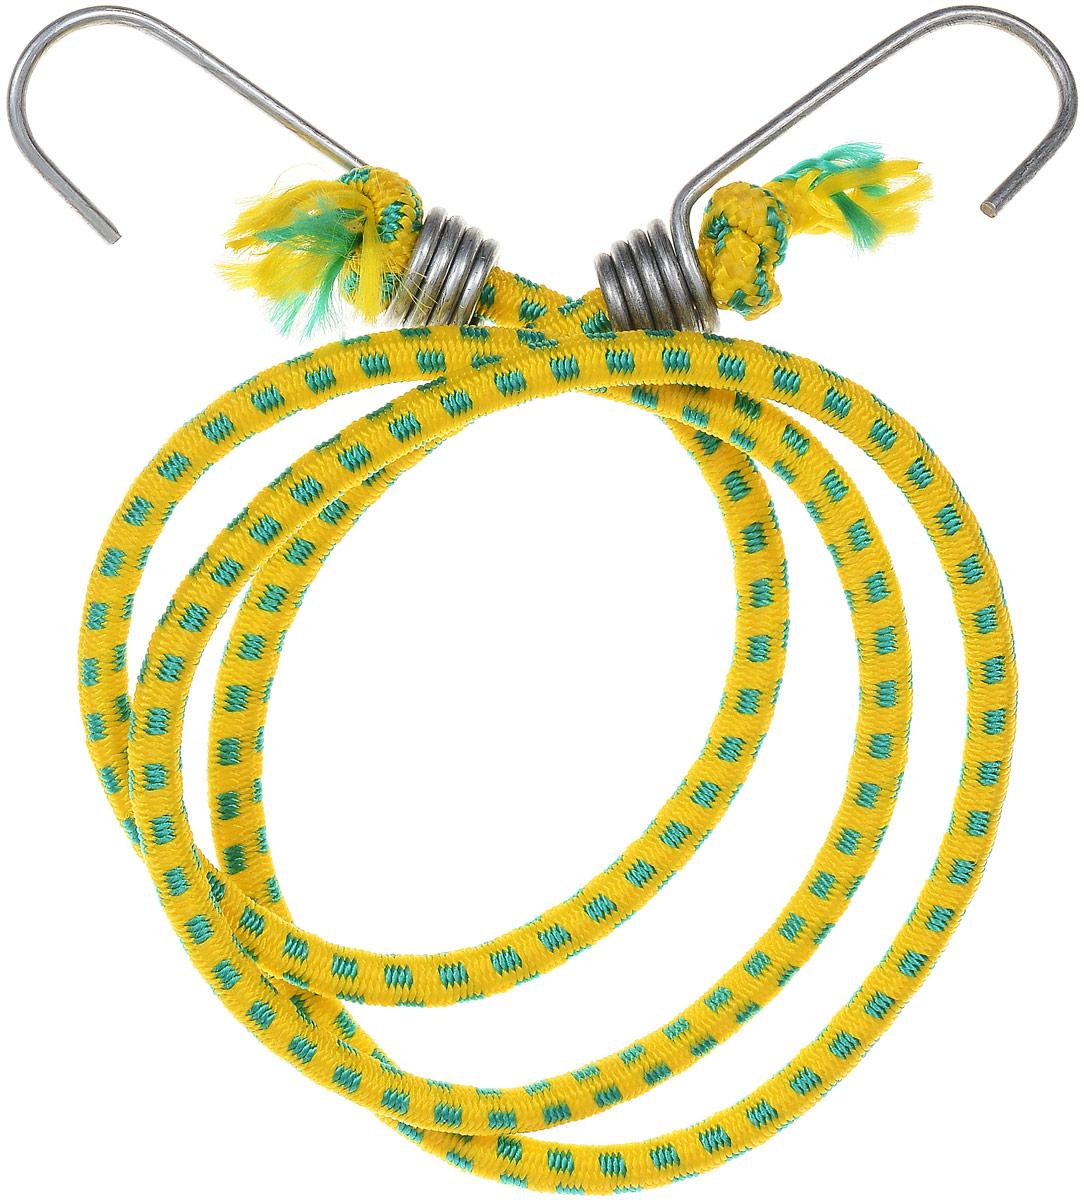 Резинка багажная МастерПроф, с крючками, цвет: желтый, зеленый, 0,6 х 110 см. АС.020052GL-442_темно-синий,синийБагажная резинка МастерПроф, выполненная из натурального каучука, оснащена специальными металлическими крюками, которые обеспечивают прочное крепление и не допускают смещения груза во время его перевозки. Изделие применяется для закрепления предметов к багажнику. Такая резинка позволит зафиксировать как небольшой груз, так и довольно габаритный.Температура использования: -50°C до +50°C.Безопасное удлинение: 125%.Толщина резинки: 6 мм.Длина резинки: 110 см.